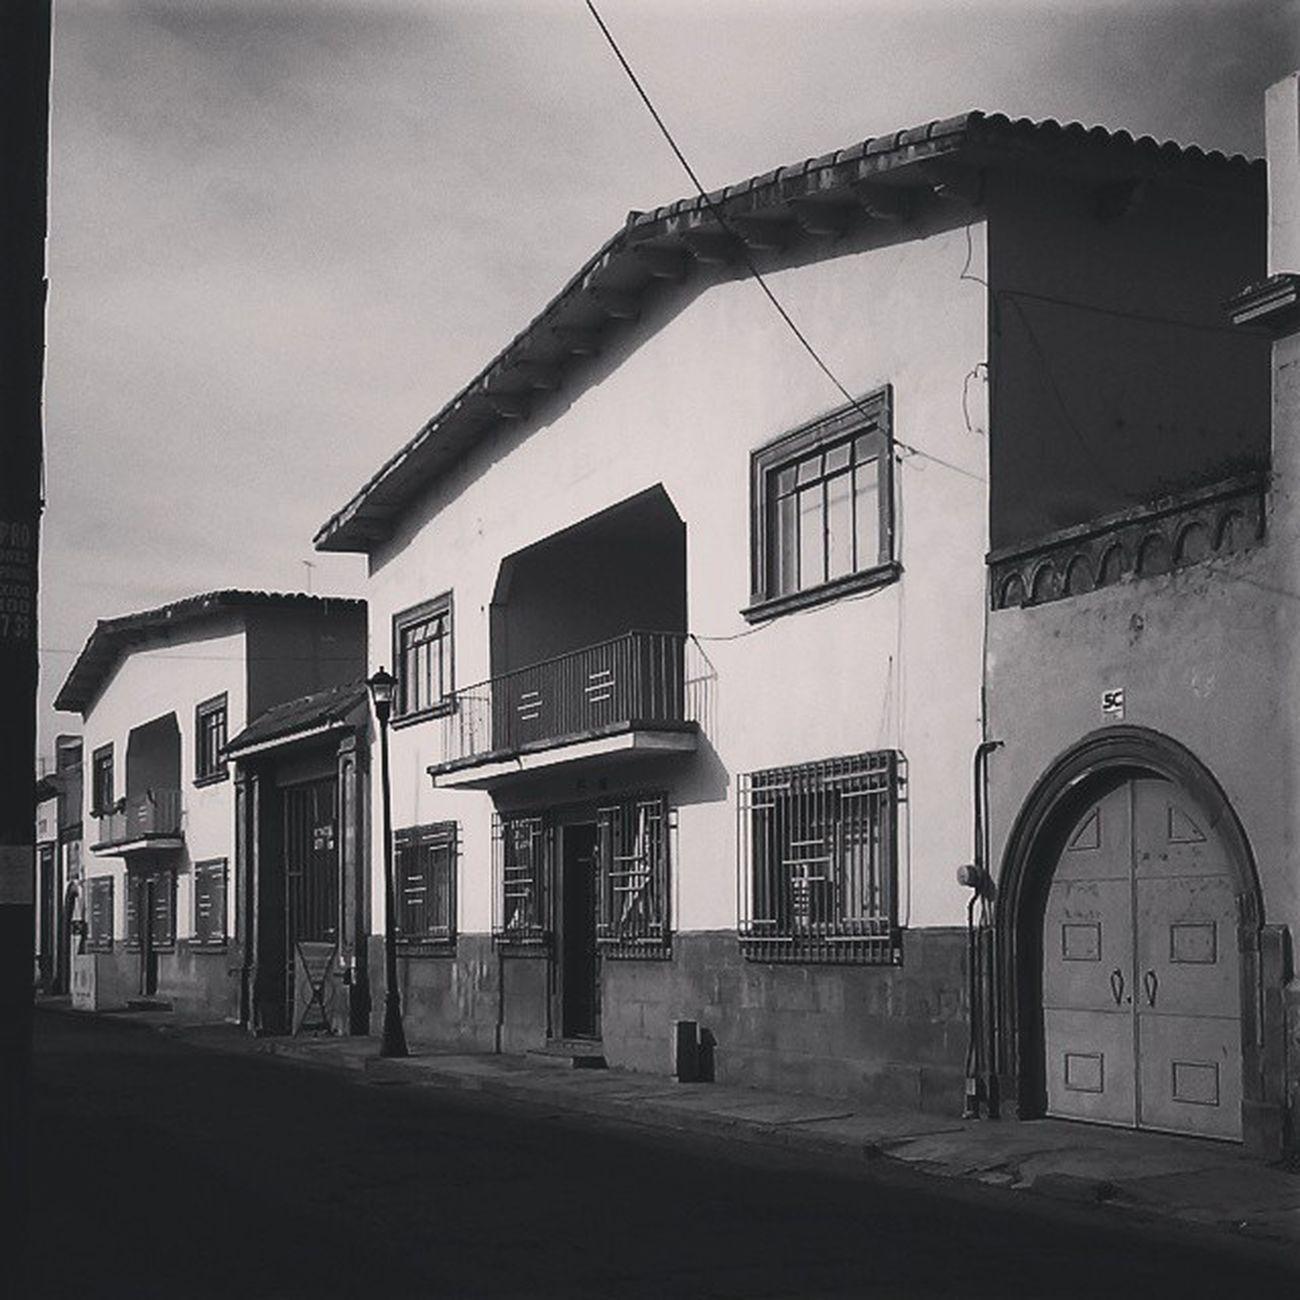 Un lugar misterioso en la ciudad... Photography Blackandwhite Creepy CelayaGto Mexico